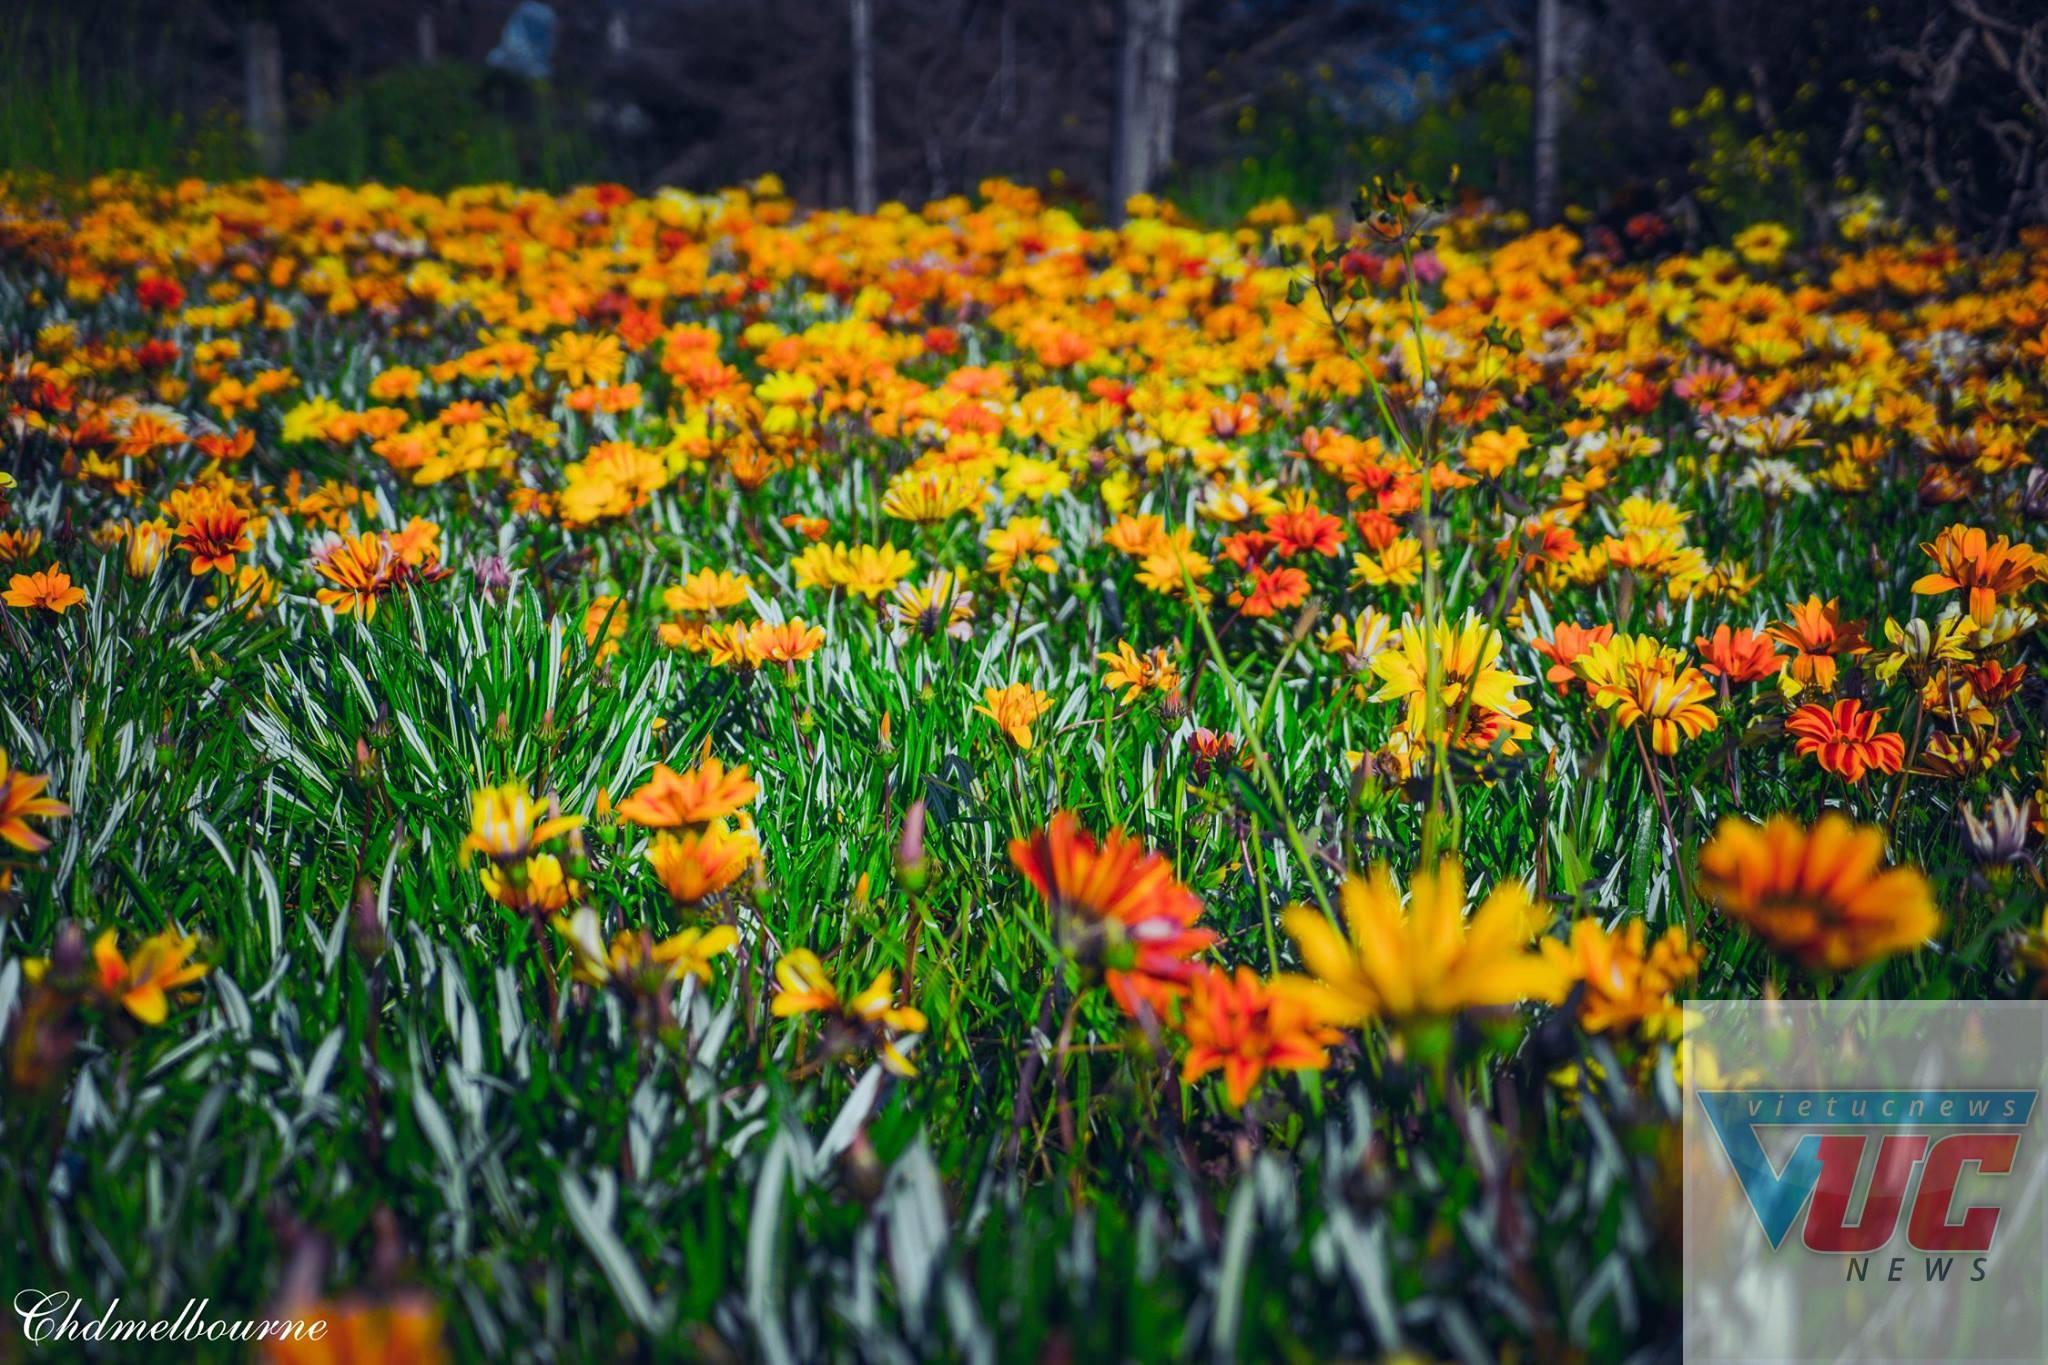 3 - Những cánh đồng hoa cỏ dại đẹp ngất ngây tại bang Victoria